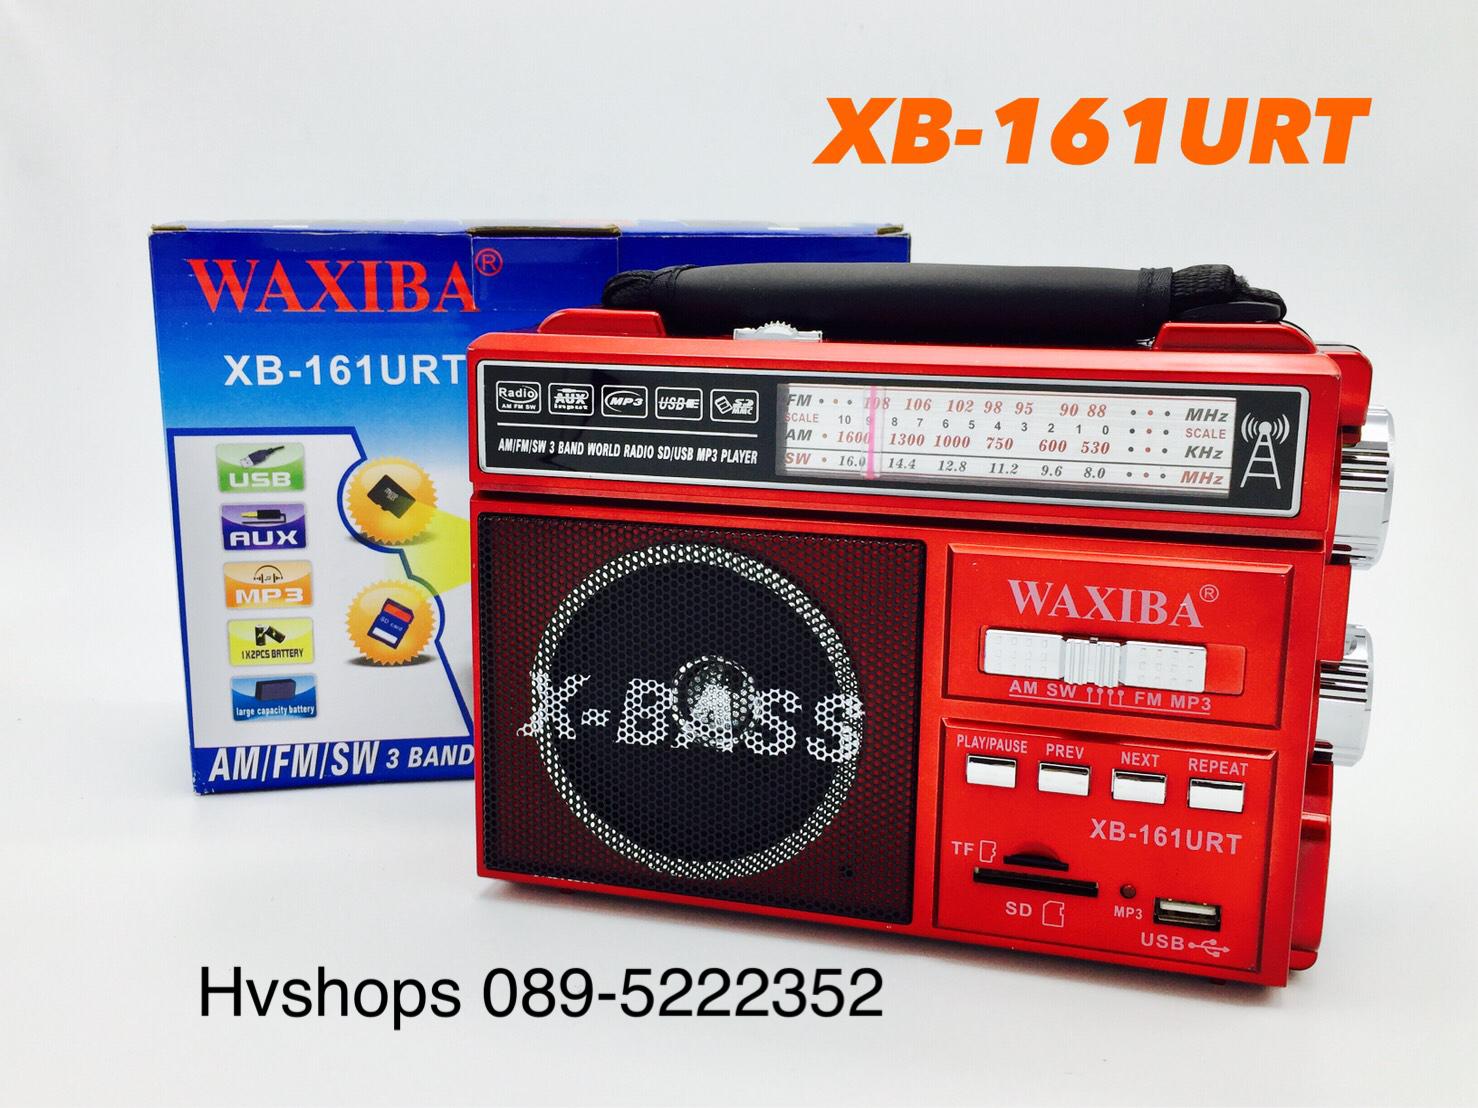 วิทยุ FM -AM ทรานซิสเตอร์ WAXIBA รุ่น 161URT